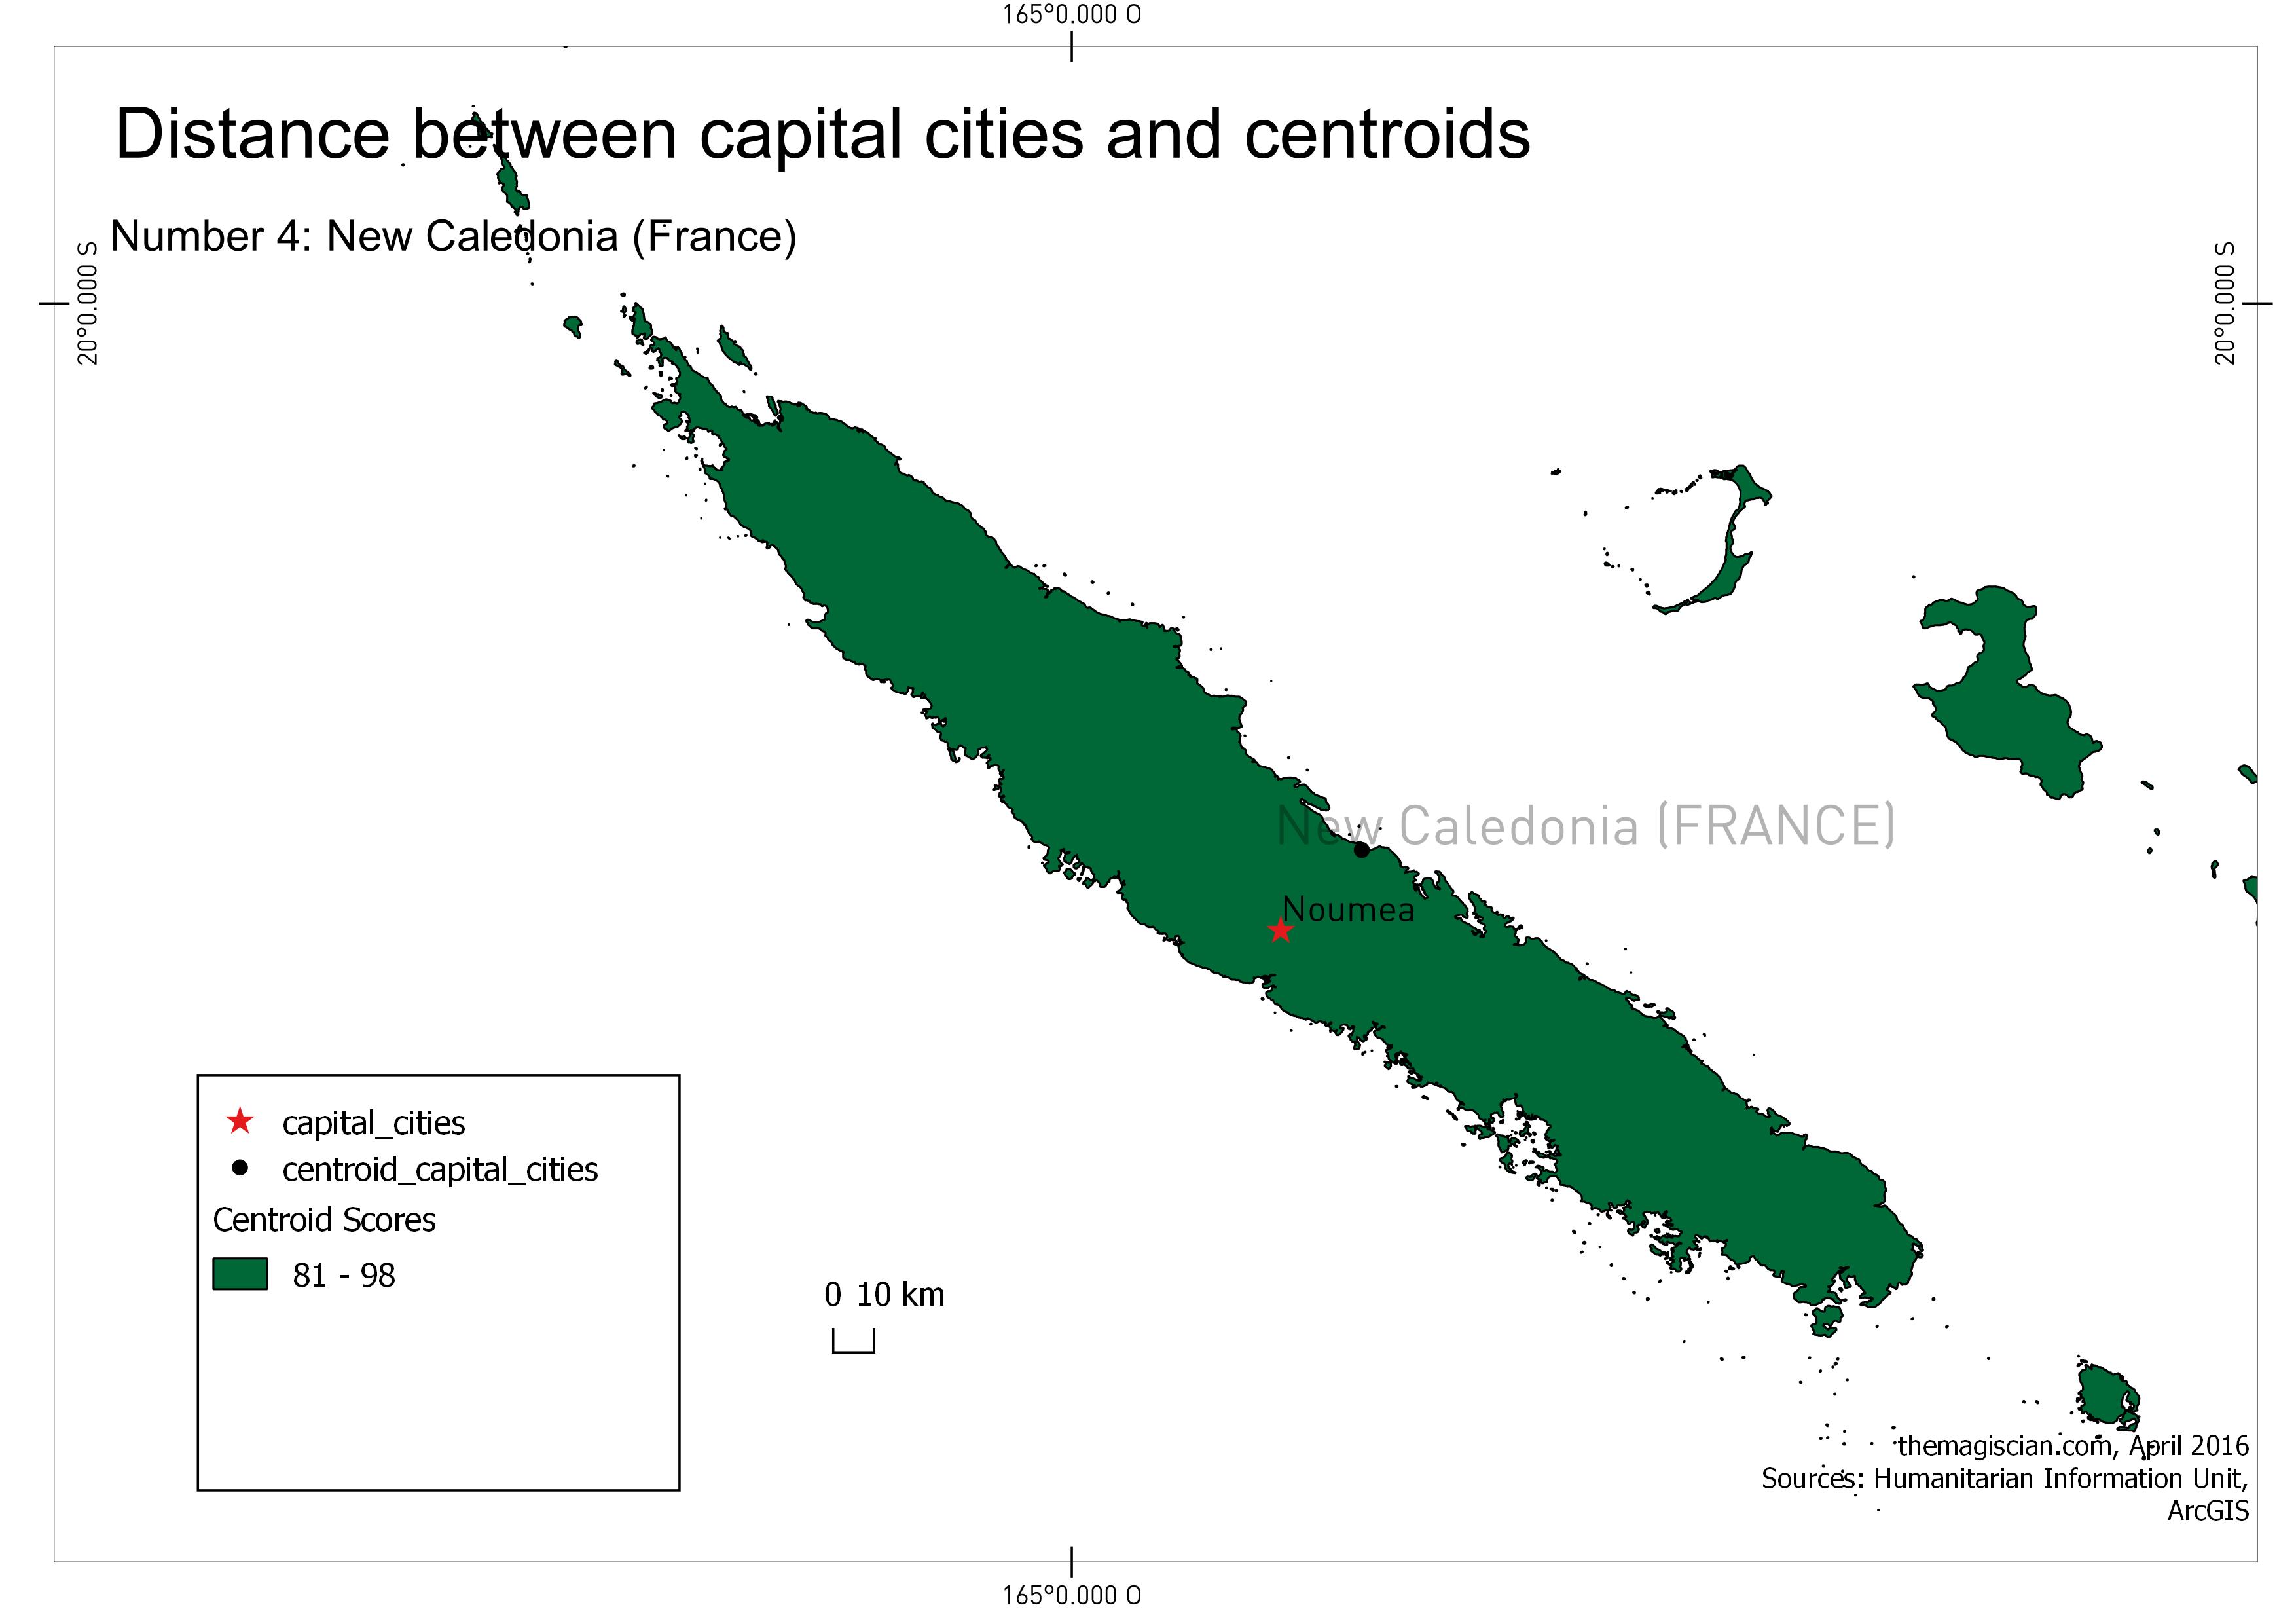 n°4: New Caledonia (France)